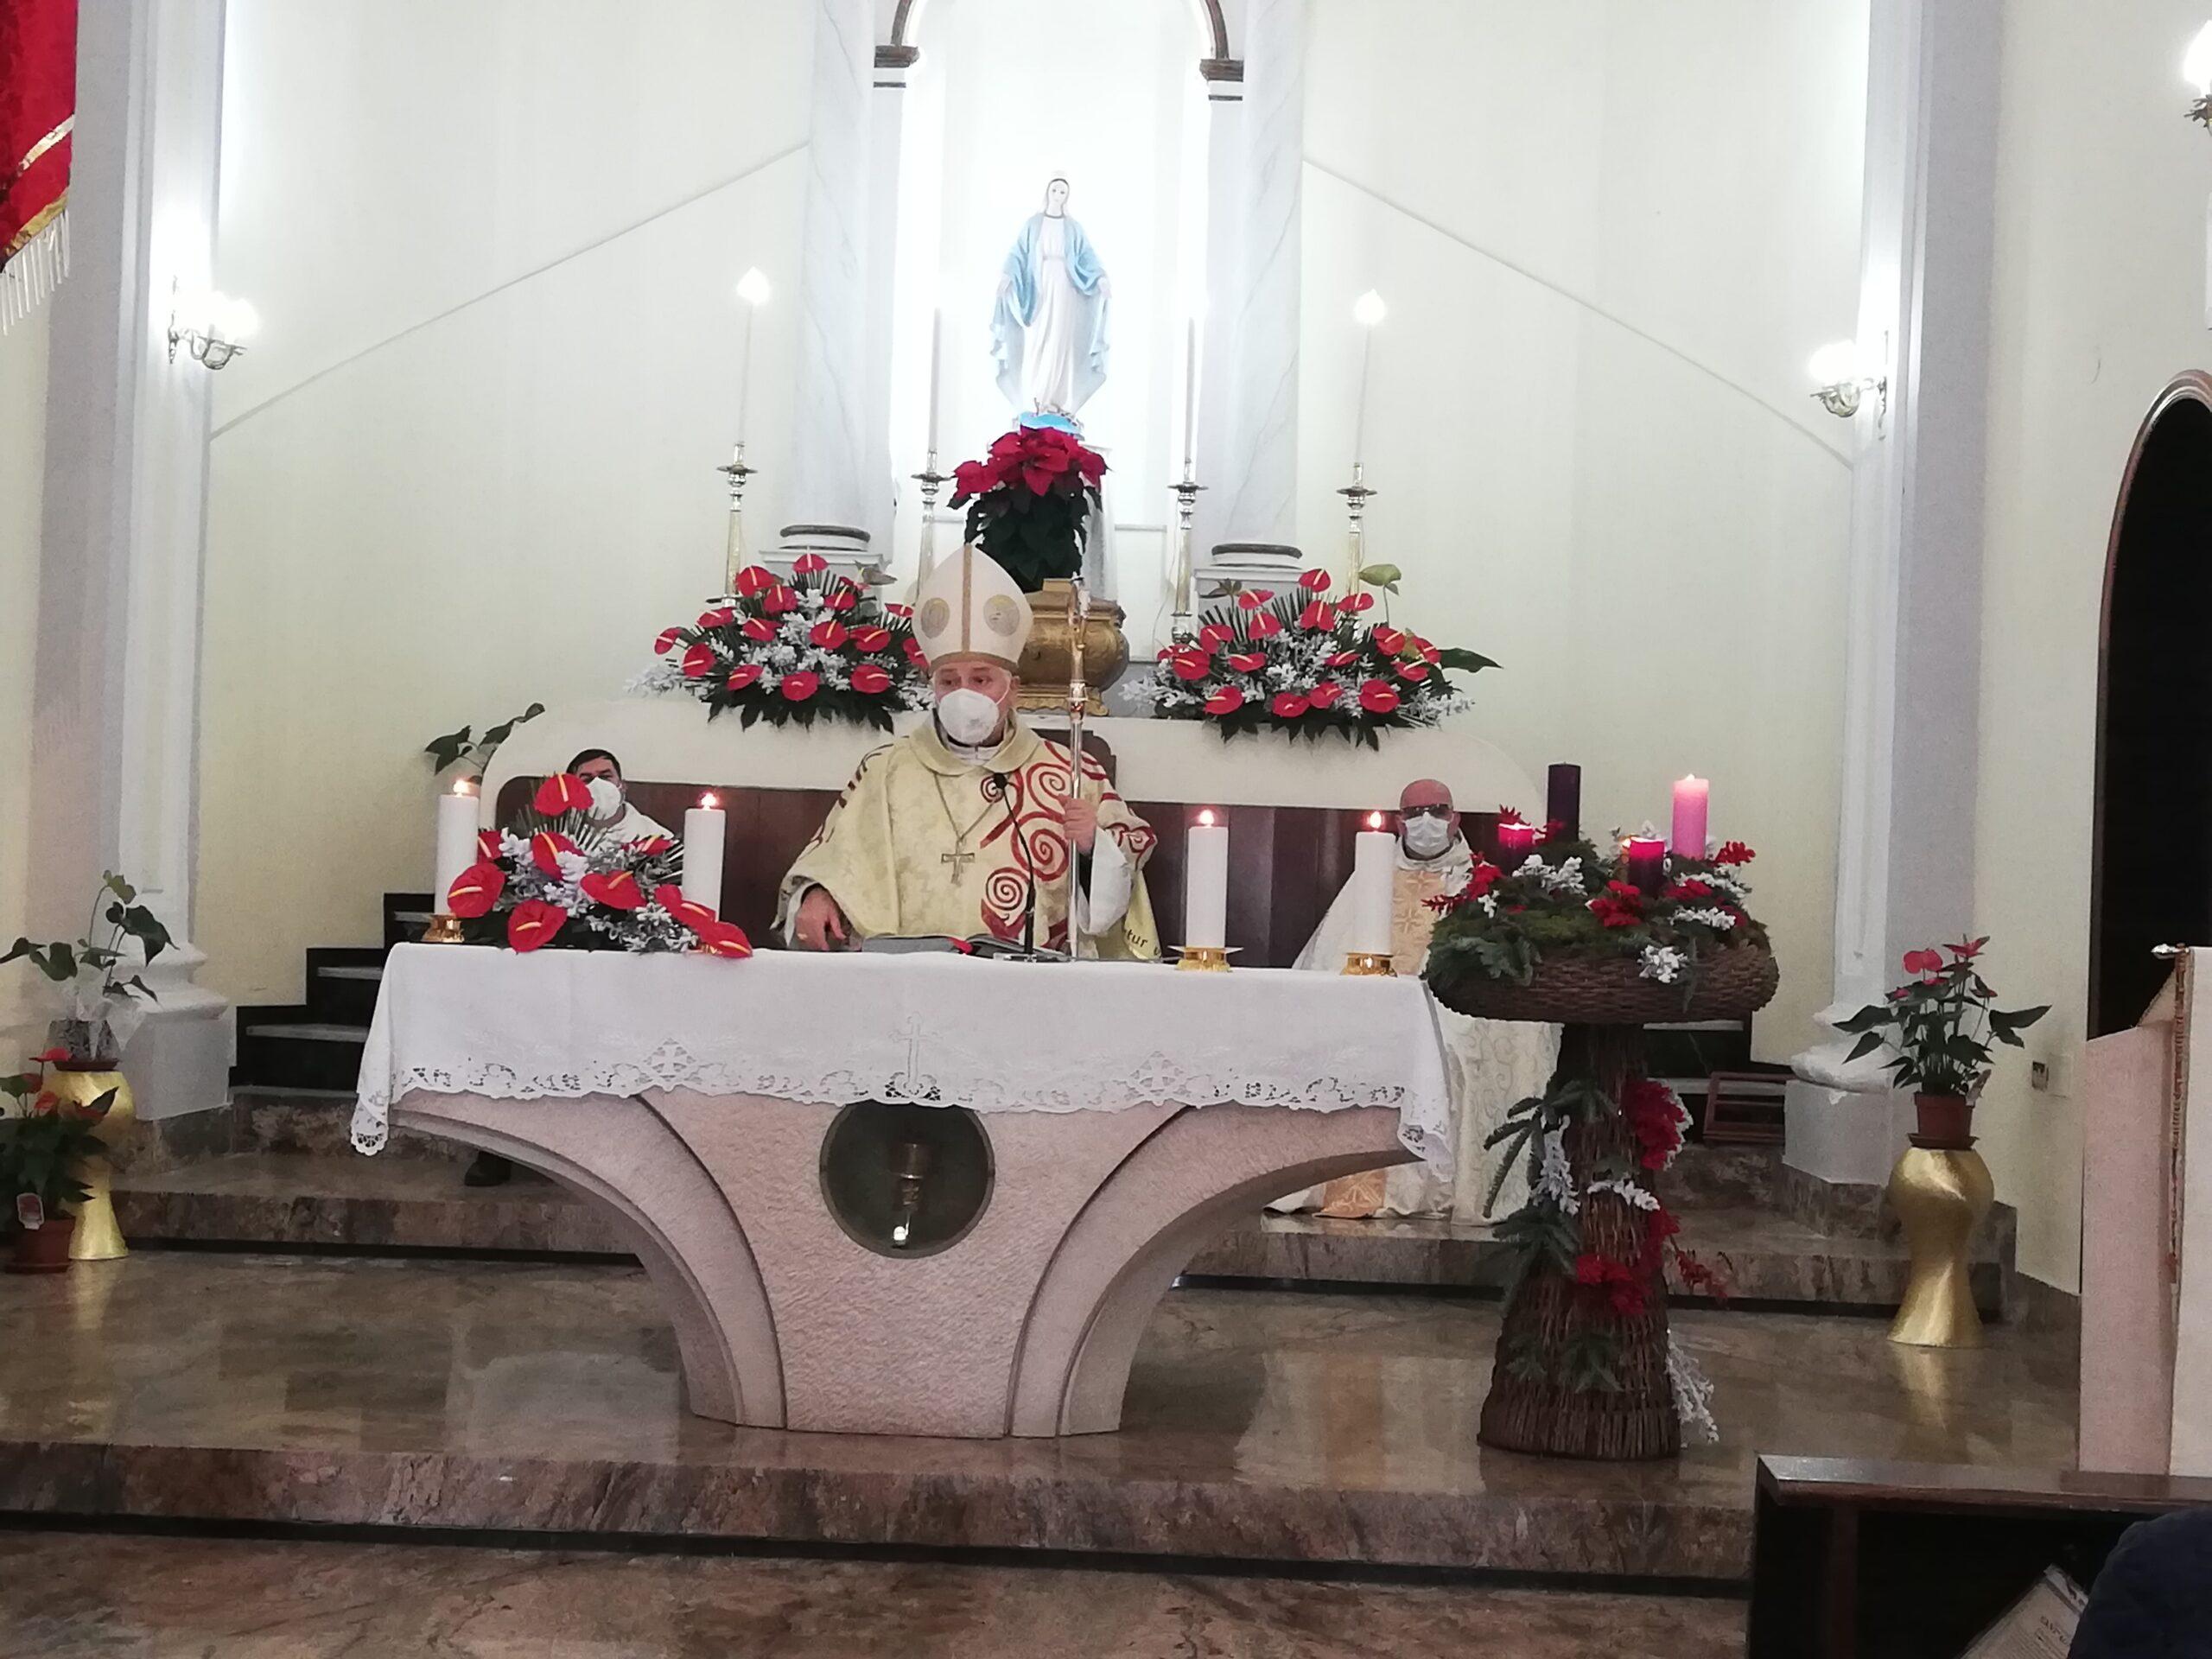 Roccarainola: celebrazioni per il santo patrono Aniello ai tempi del coronavirus